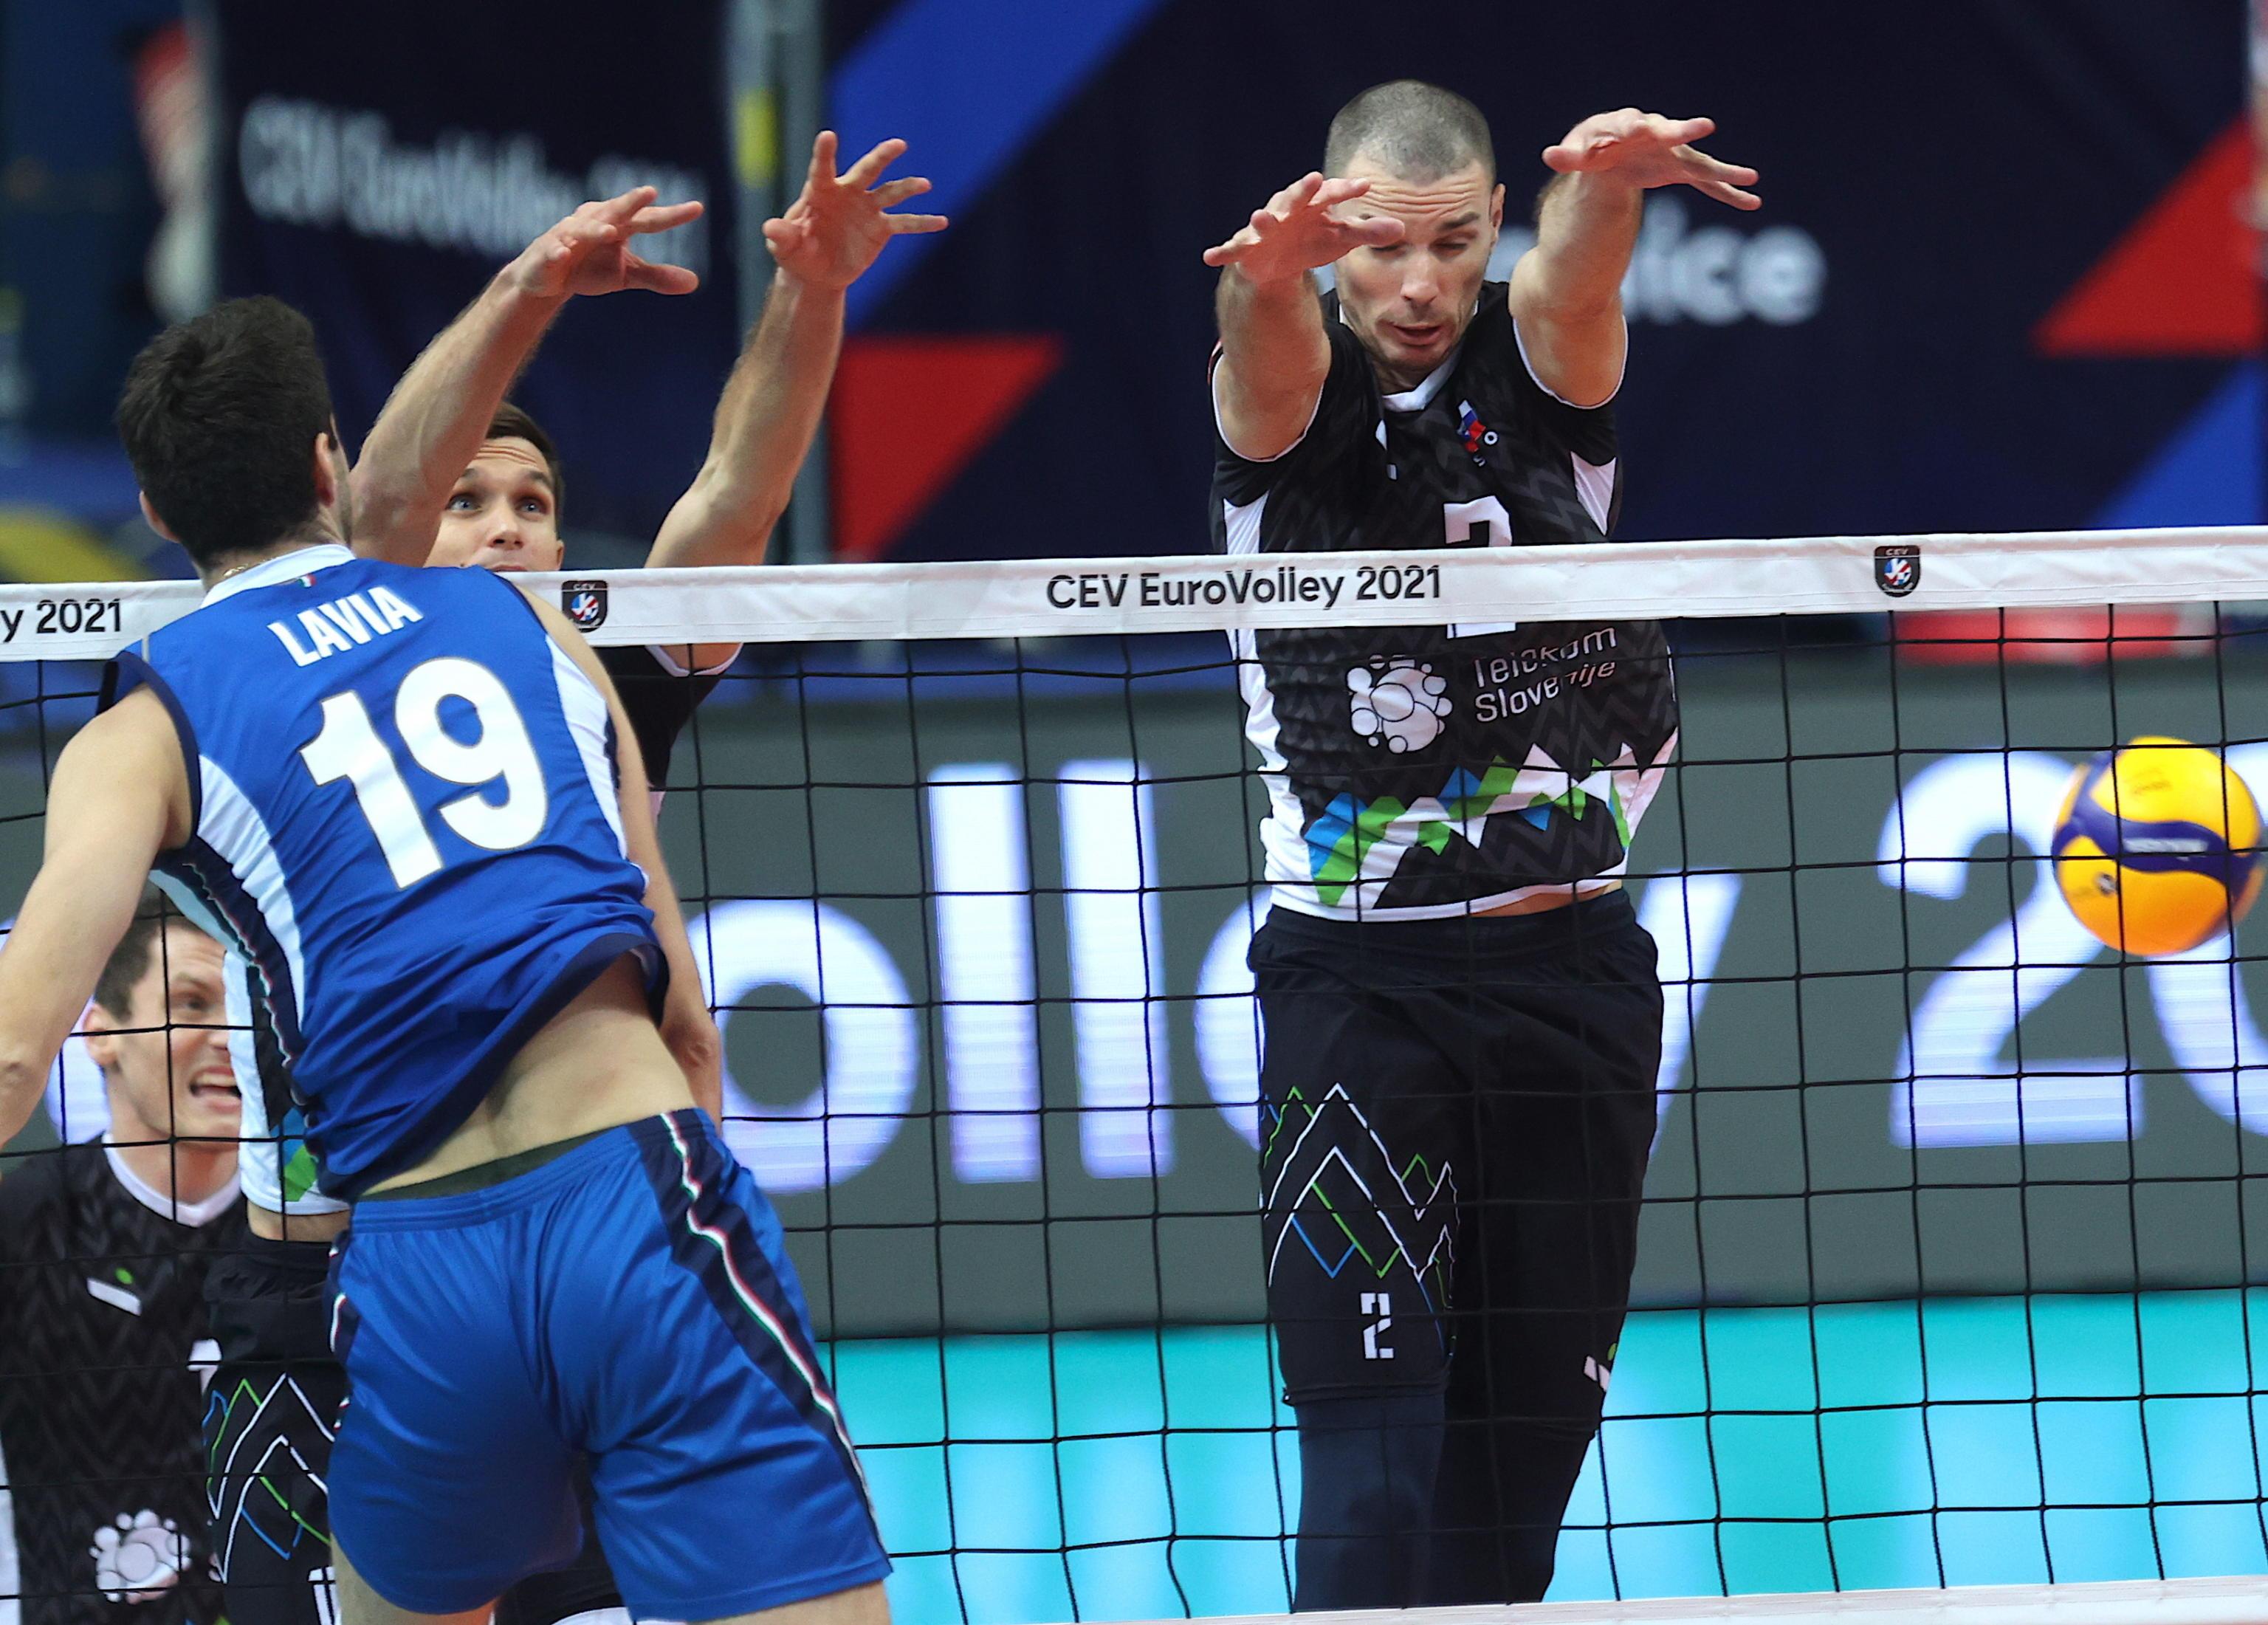 Campioni d'Europa. Gli Azzurri del volley battono la Slovenia e chiudono l'estate d'oro dello sport italiano